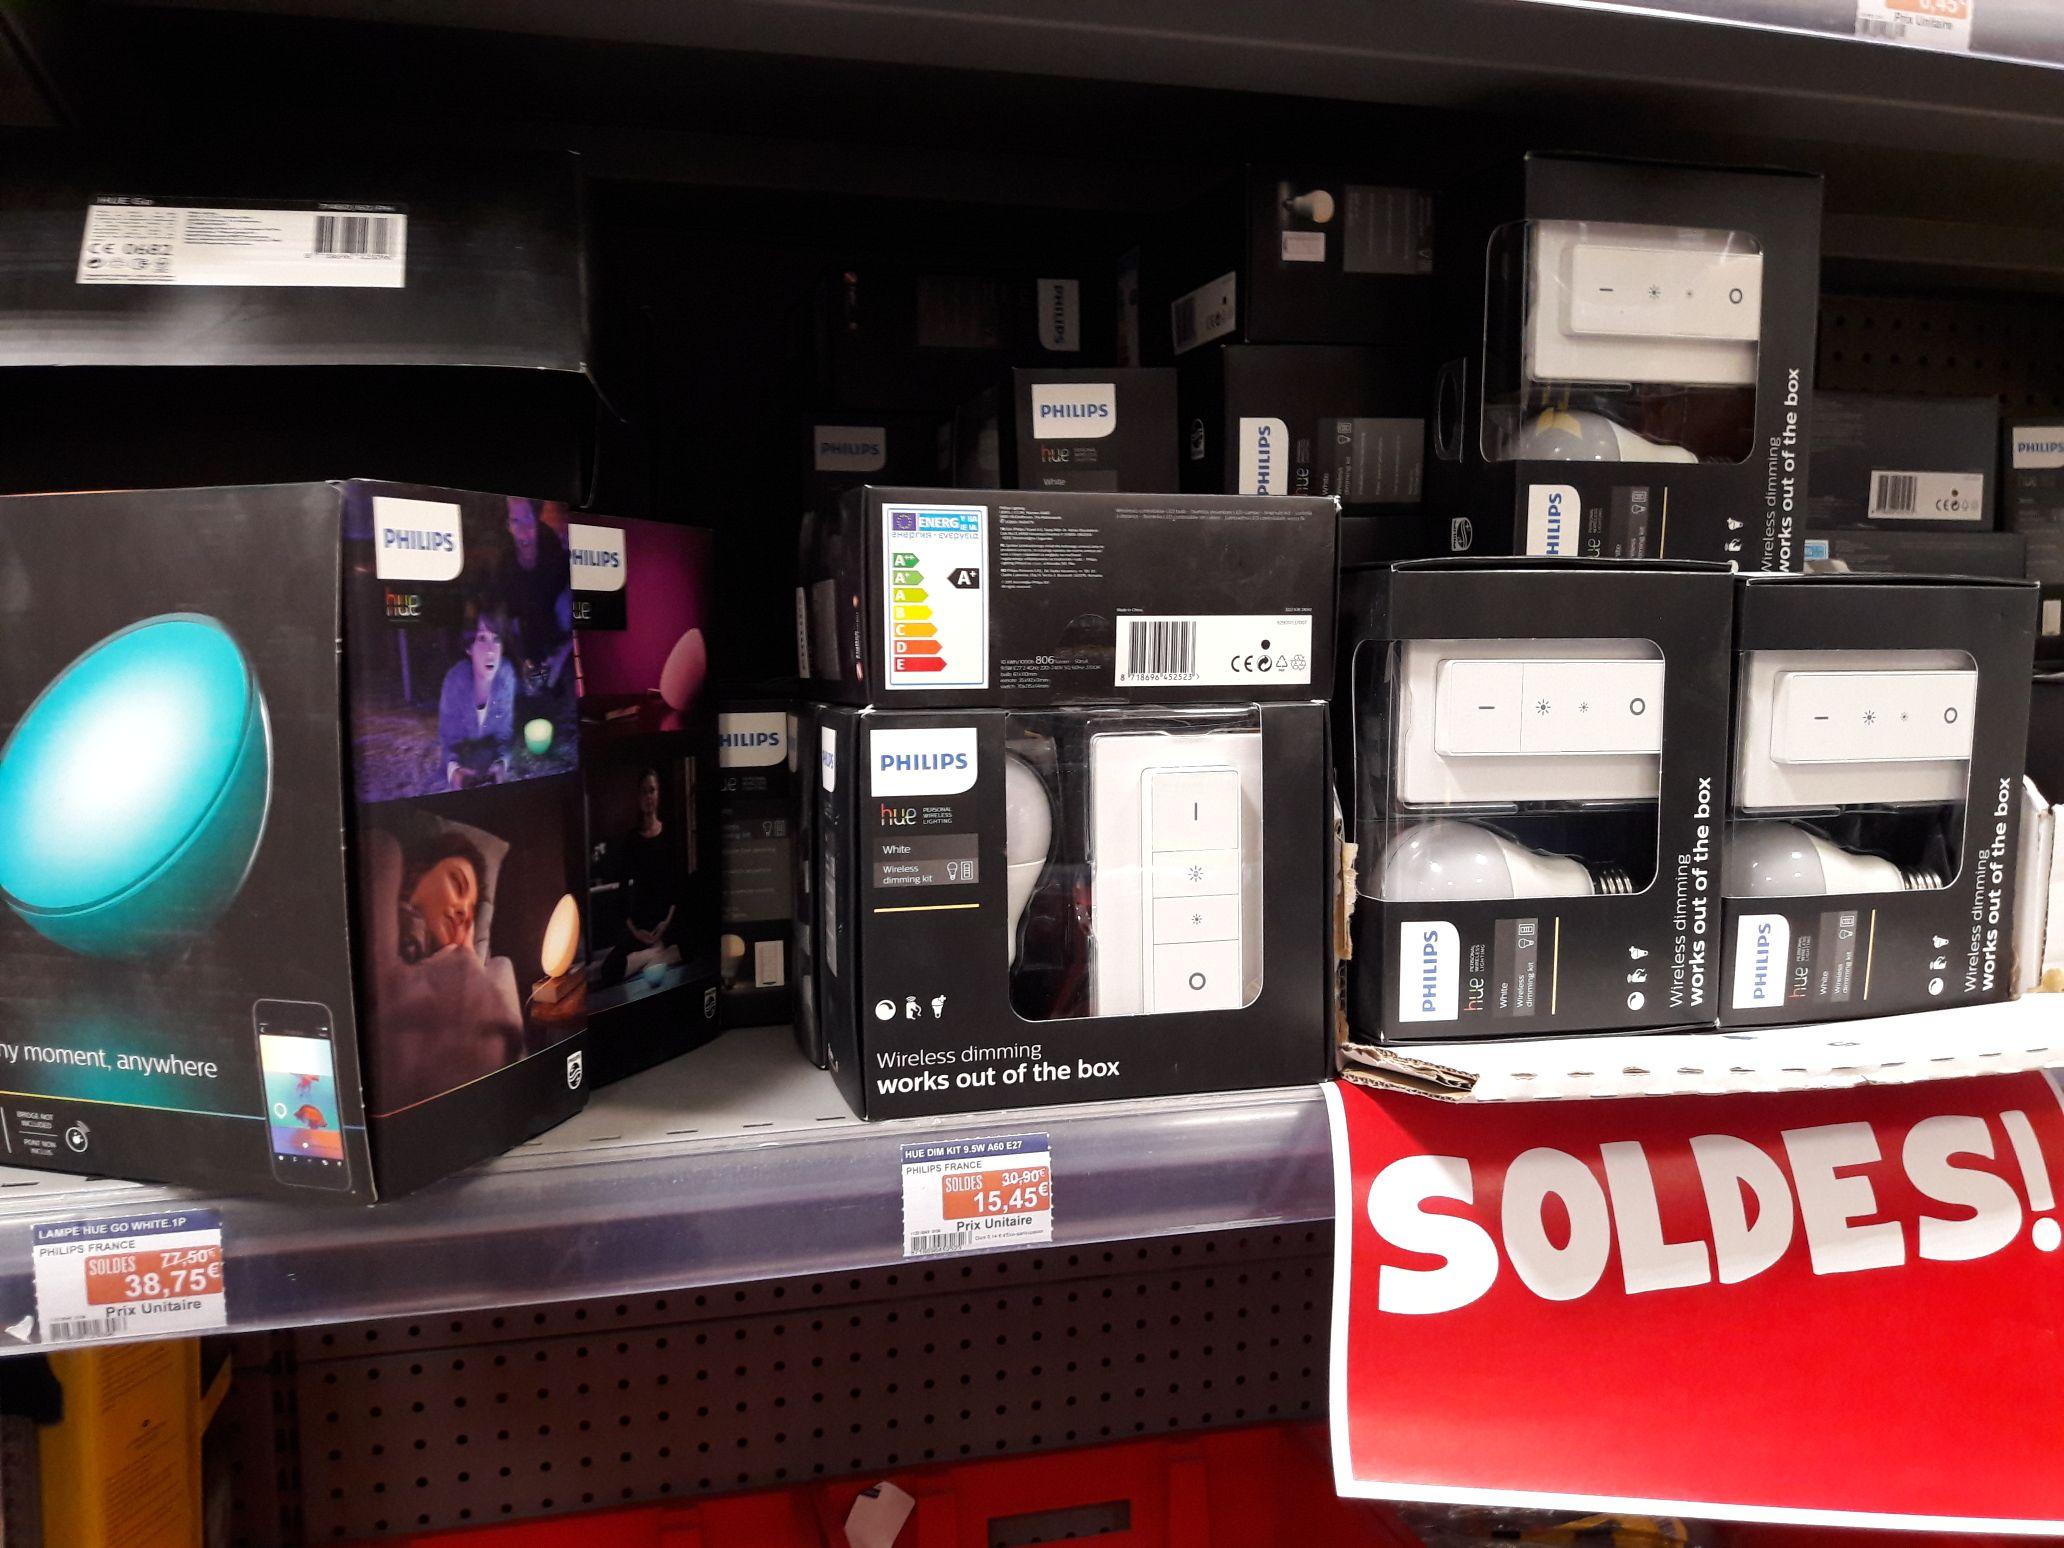 Sélection d'articles en soldes - Ex : Kit de démarrage Philips hue wireless dimming - Leclerc dinan (22)